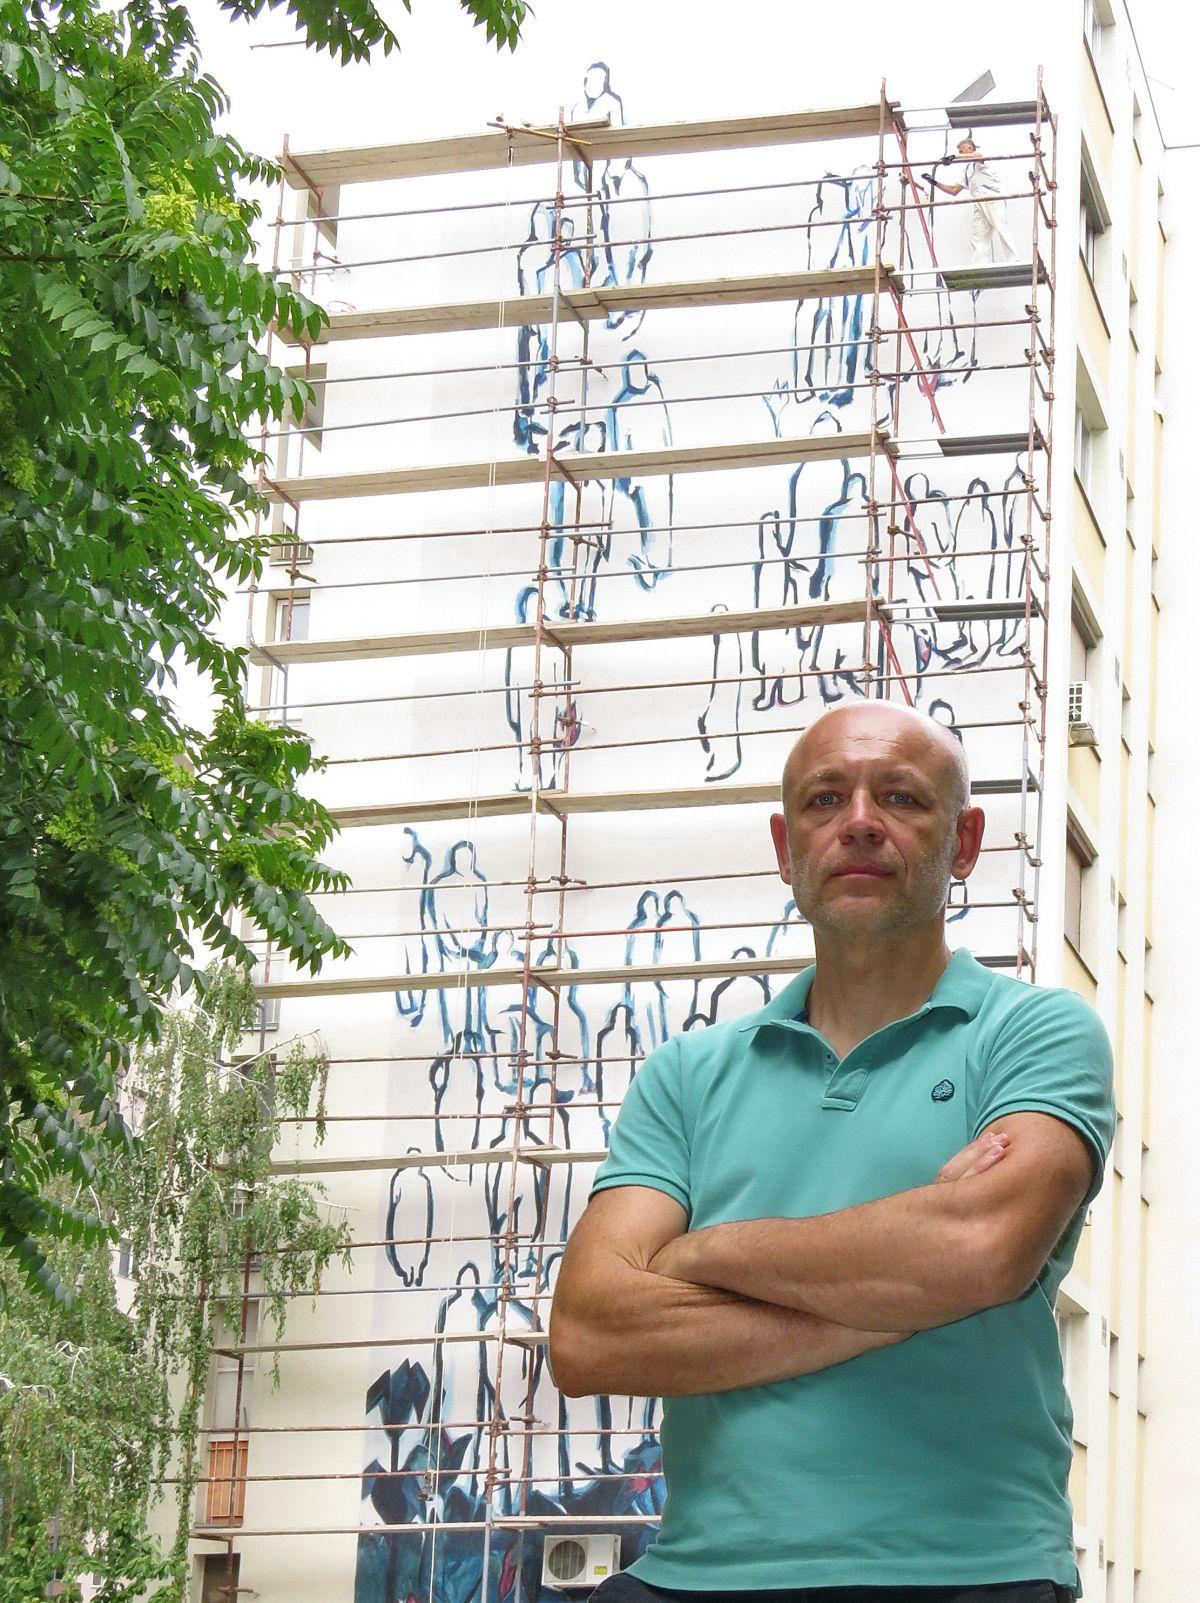 Локална заједница креира савремену уметност града